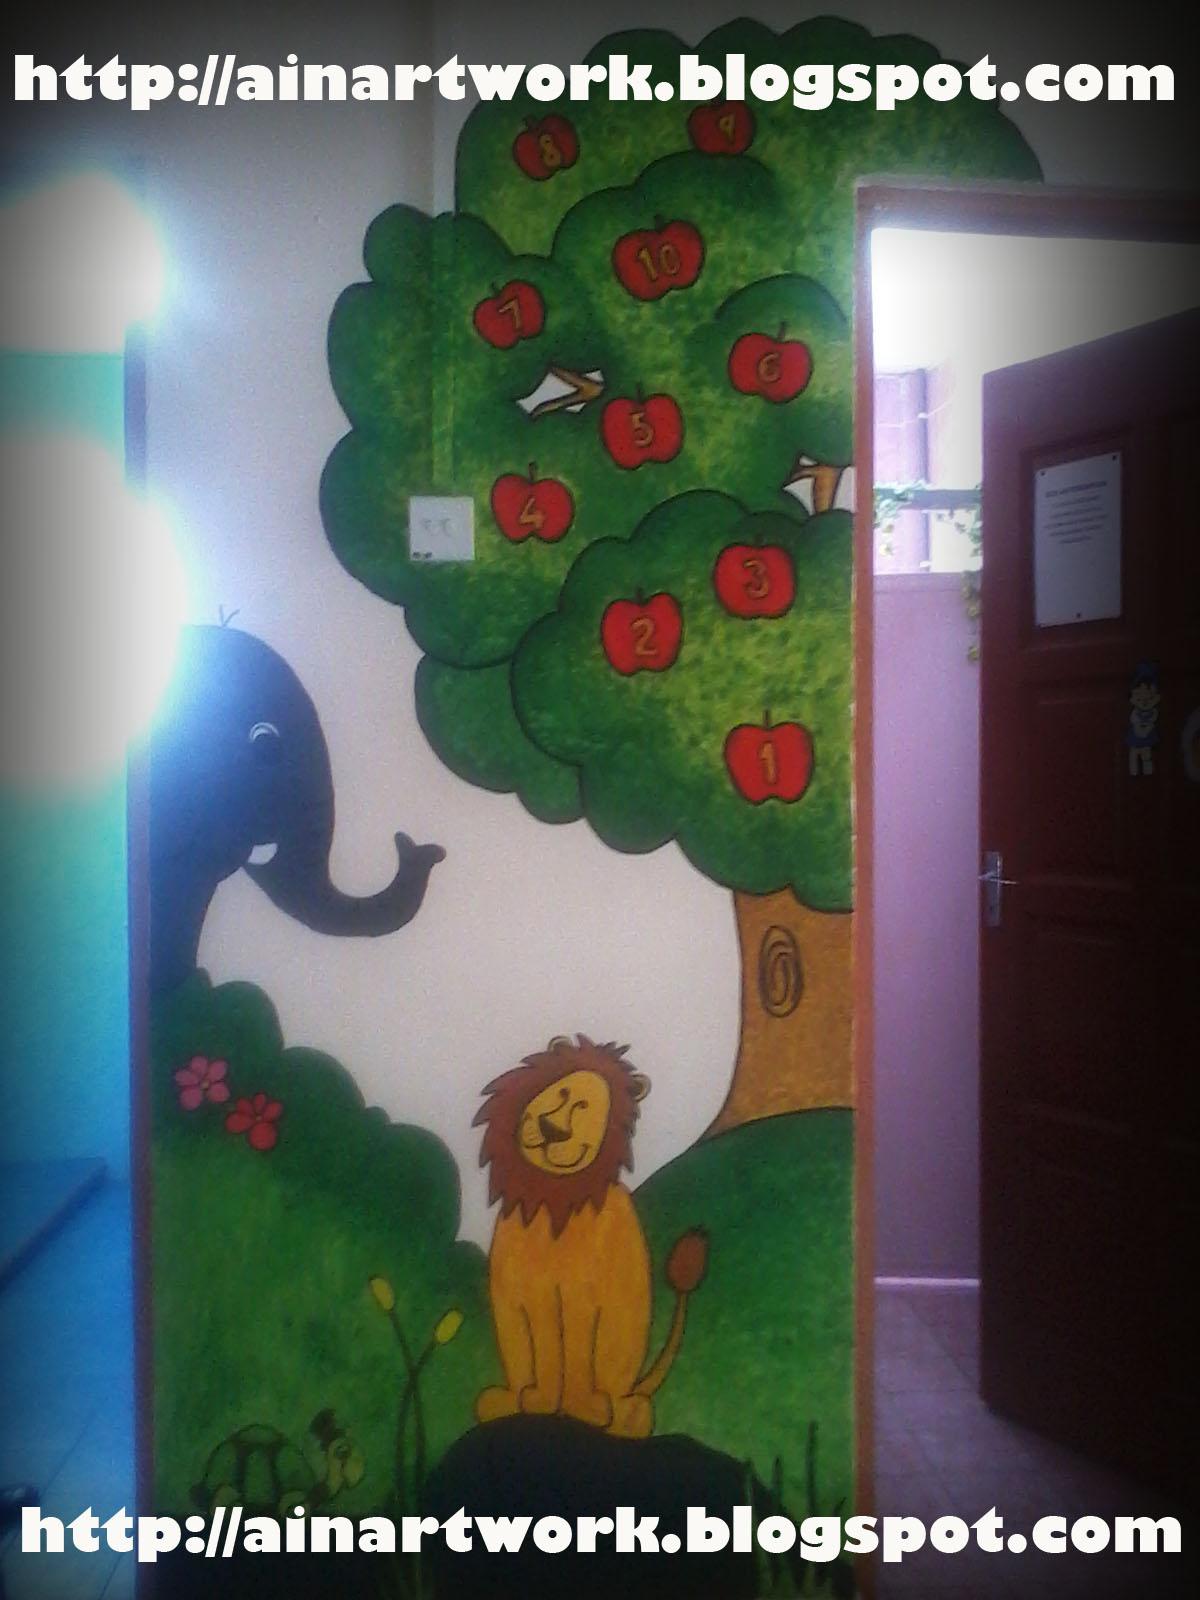 Ladybird comel mural wahai mural for Mural untuk kanak kanak